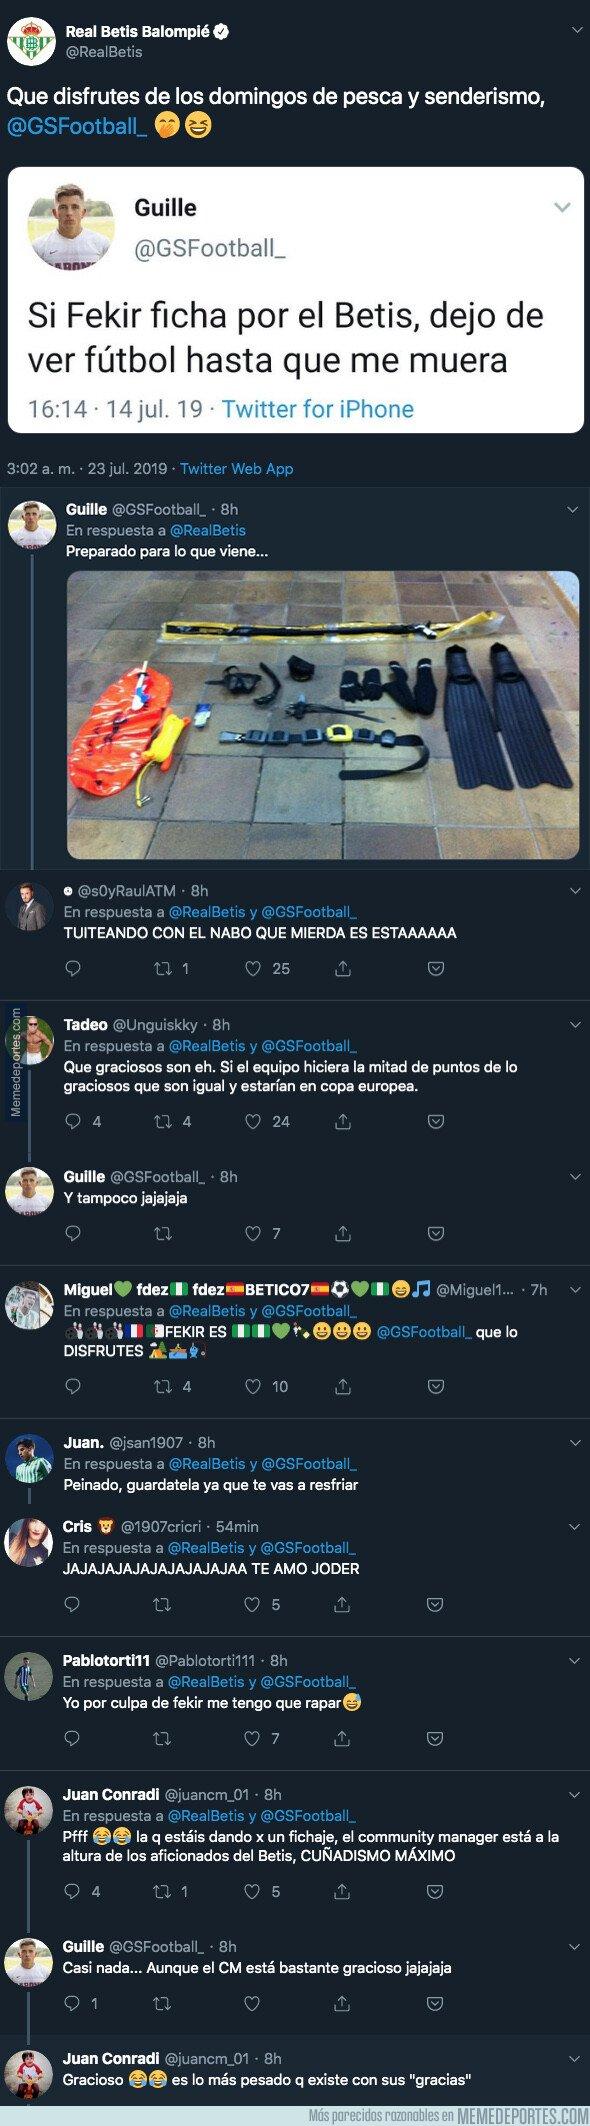 1081780 - El Real Betis sorprende fichando a Fekir y rescata un tuit antiguo de un tuitero que ya no volverá a ver más fútbol